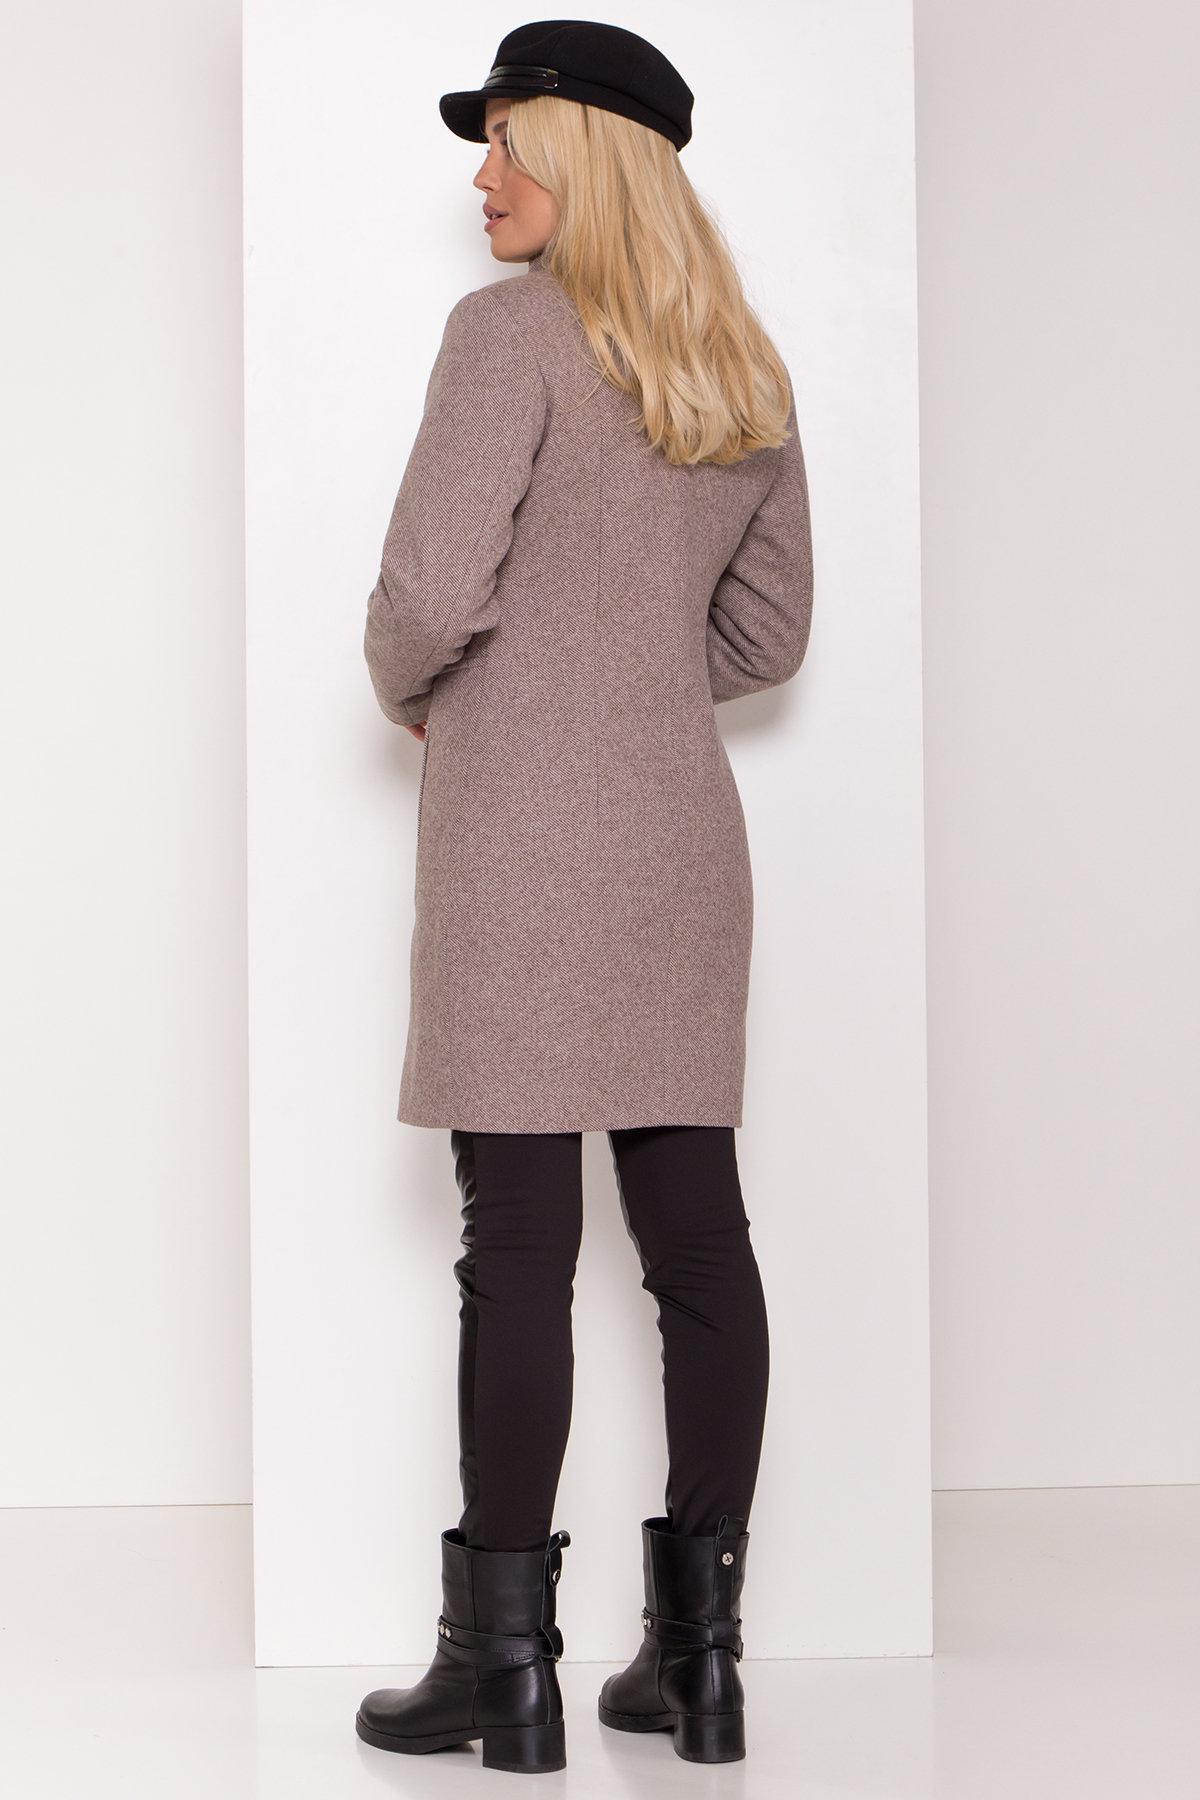 Зимнее пальто со снудом Габи 8205 Цвет: Шоколадный меланж